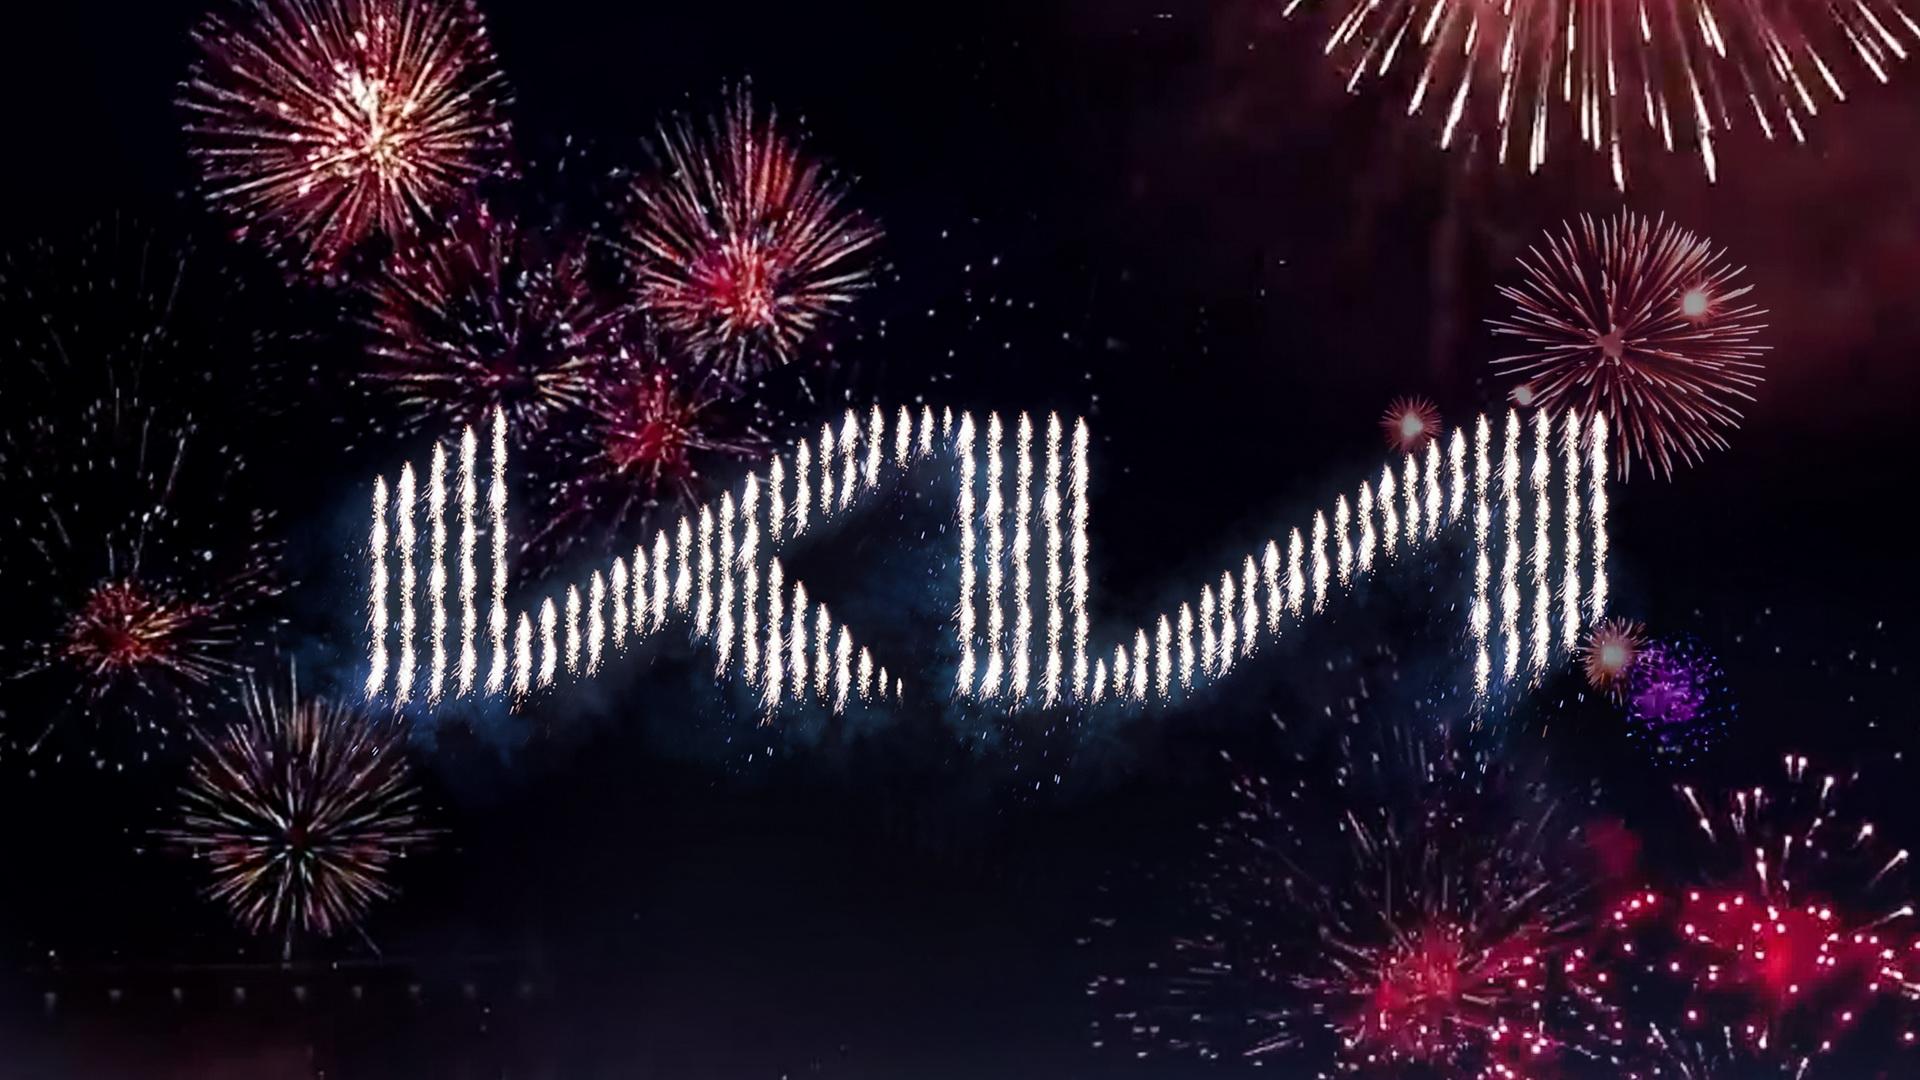 Спектакуларно претставување на новото лого и слоган на Kia / ВИДЕО